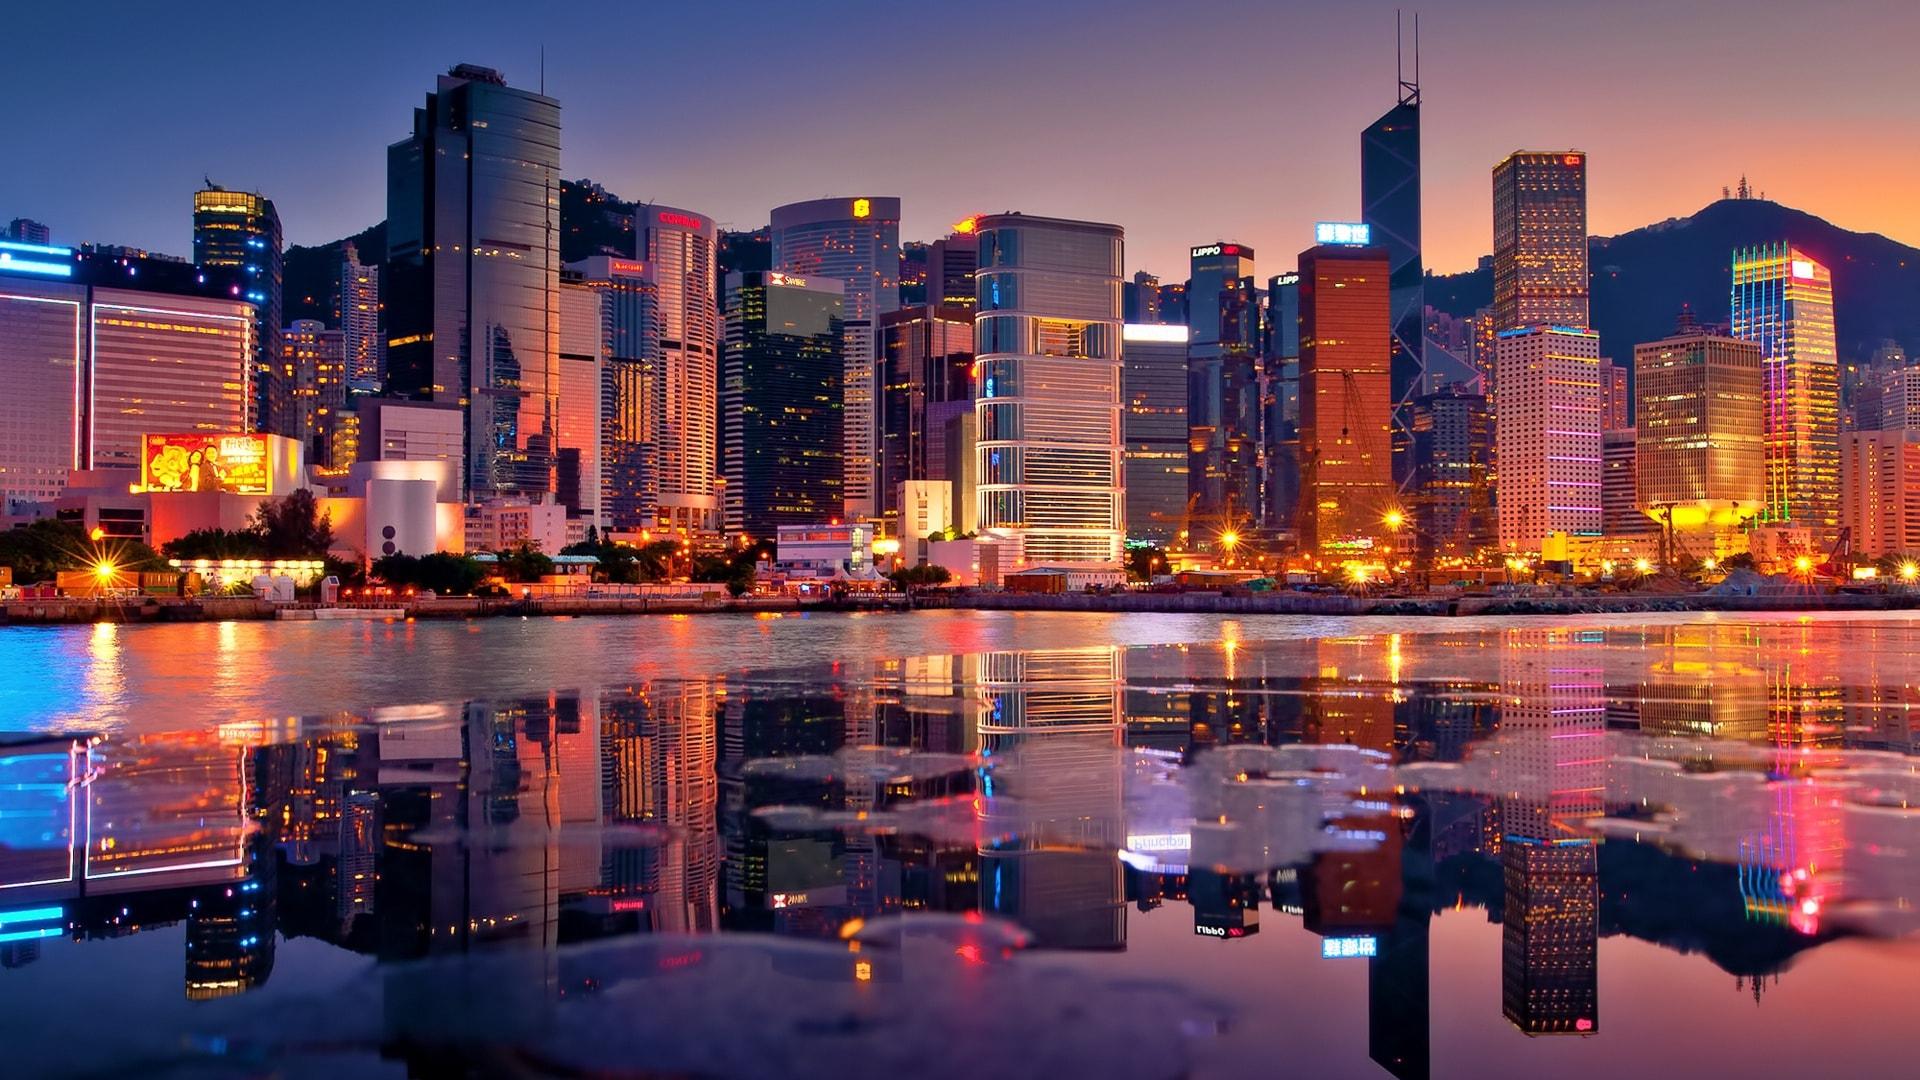 Hình nền Hồng Kông đẹp nhất